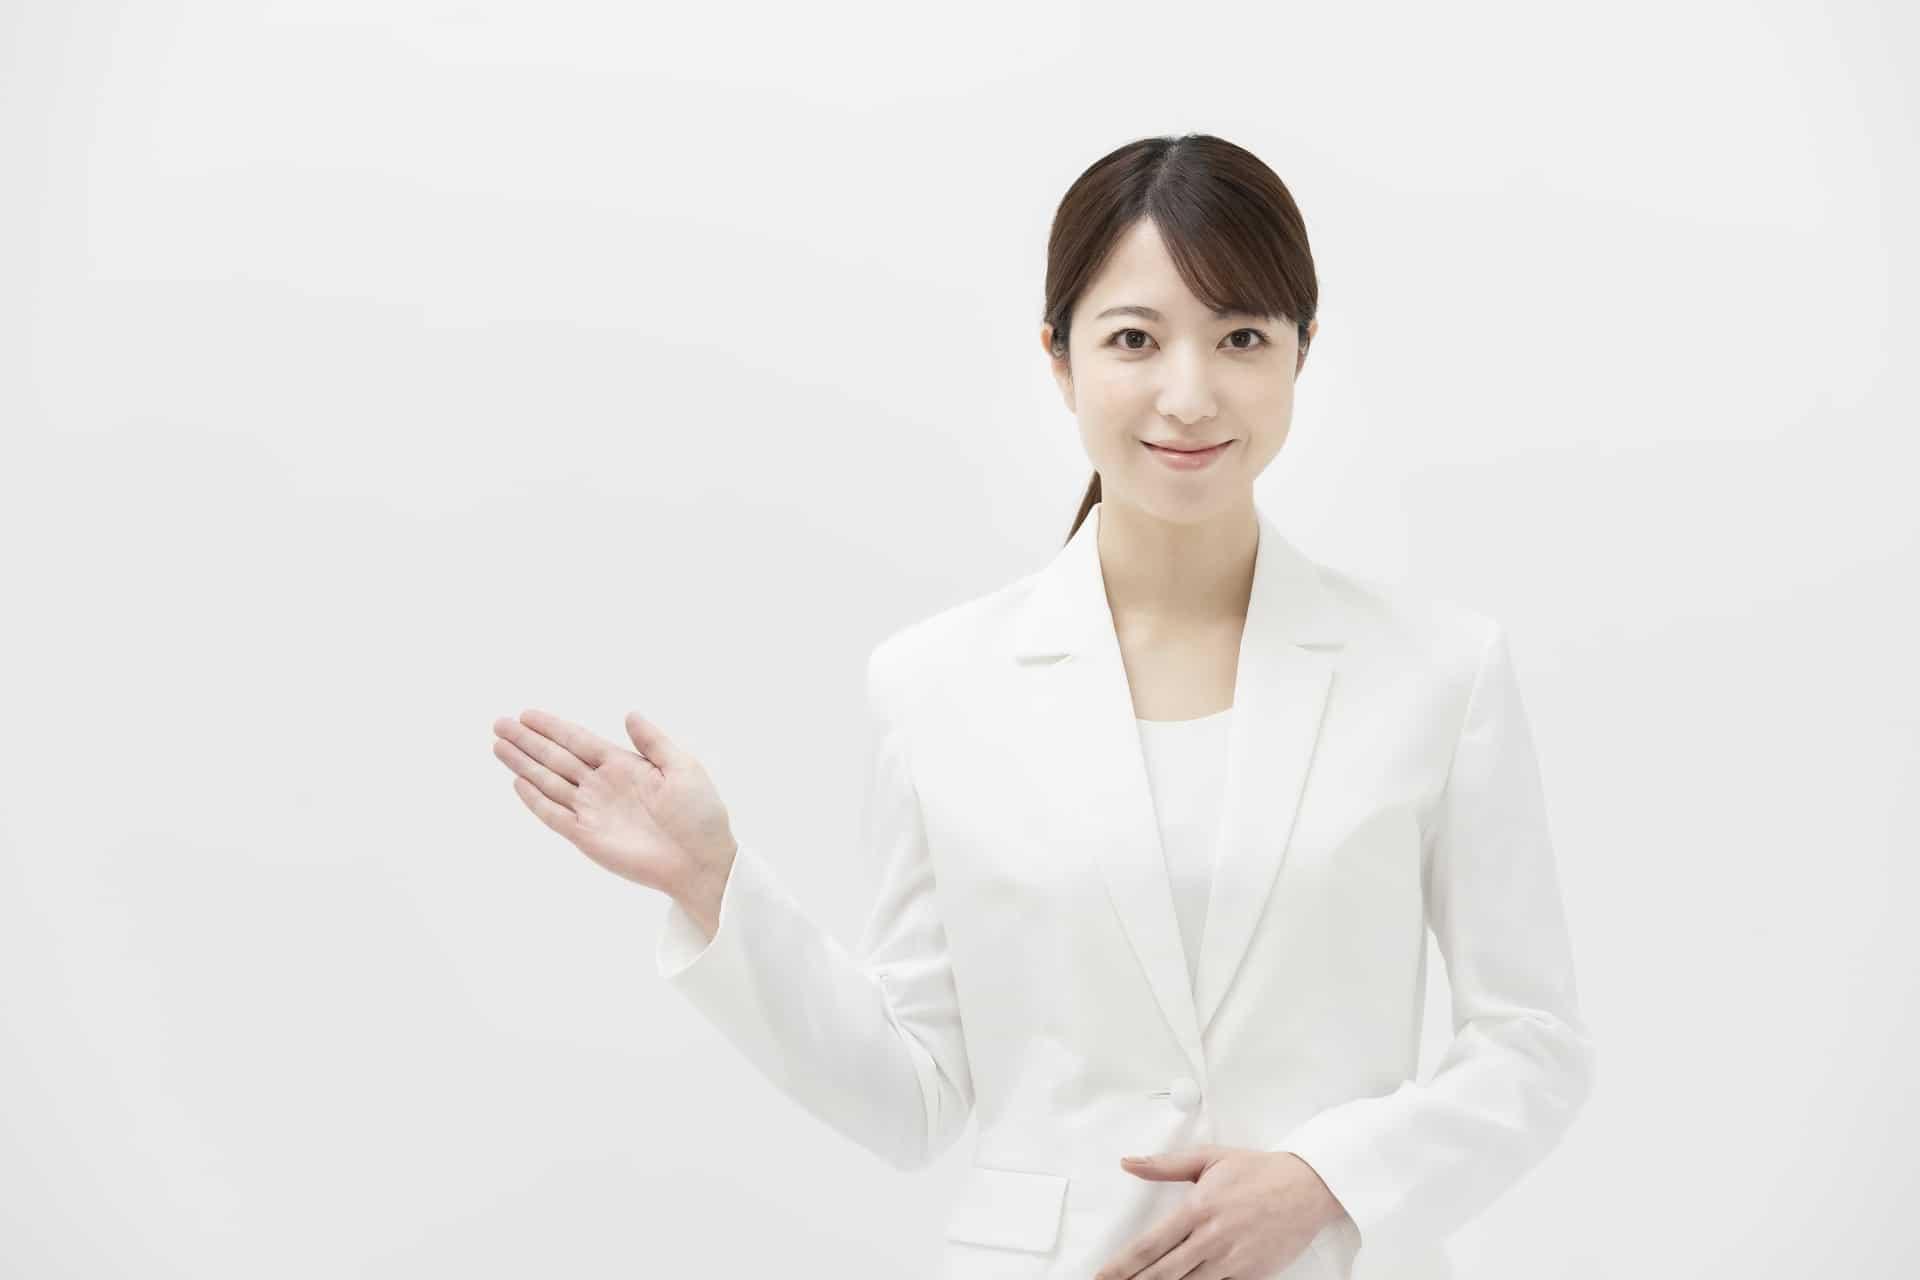 白いスーツの女性